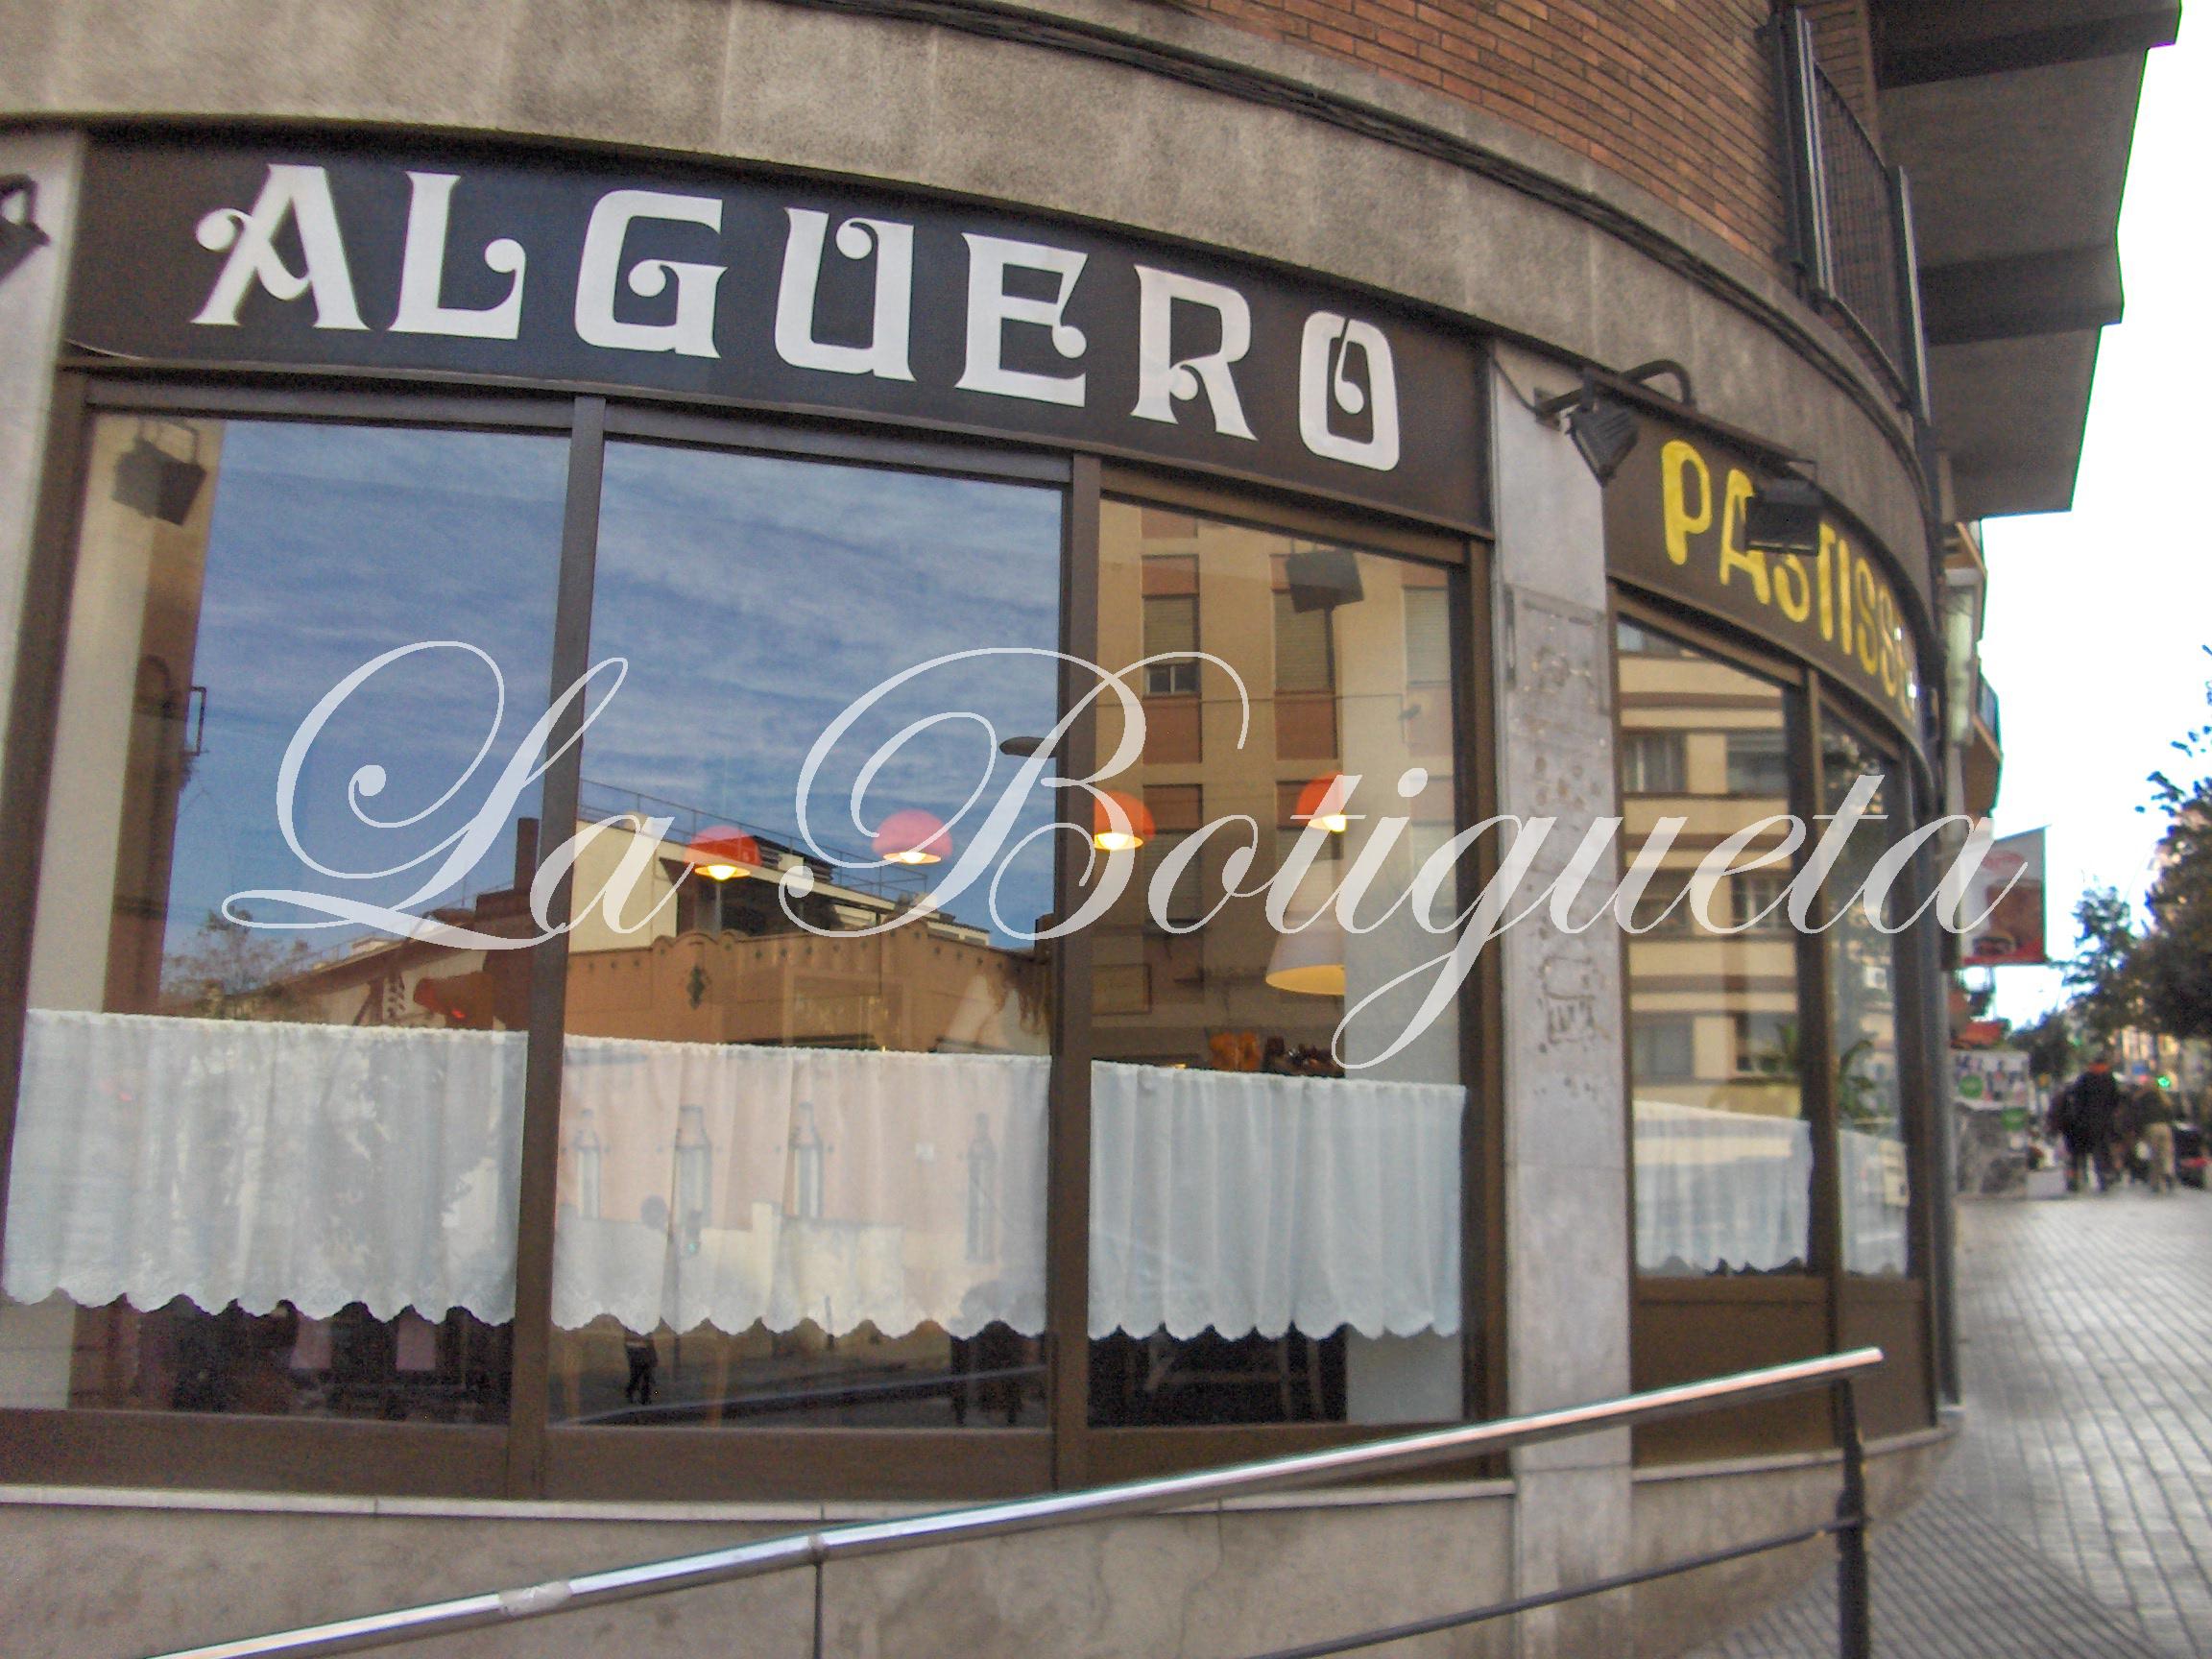 Cafeter a en barcelona la botigueta - La botigueta barcelona ...